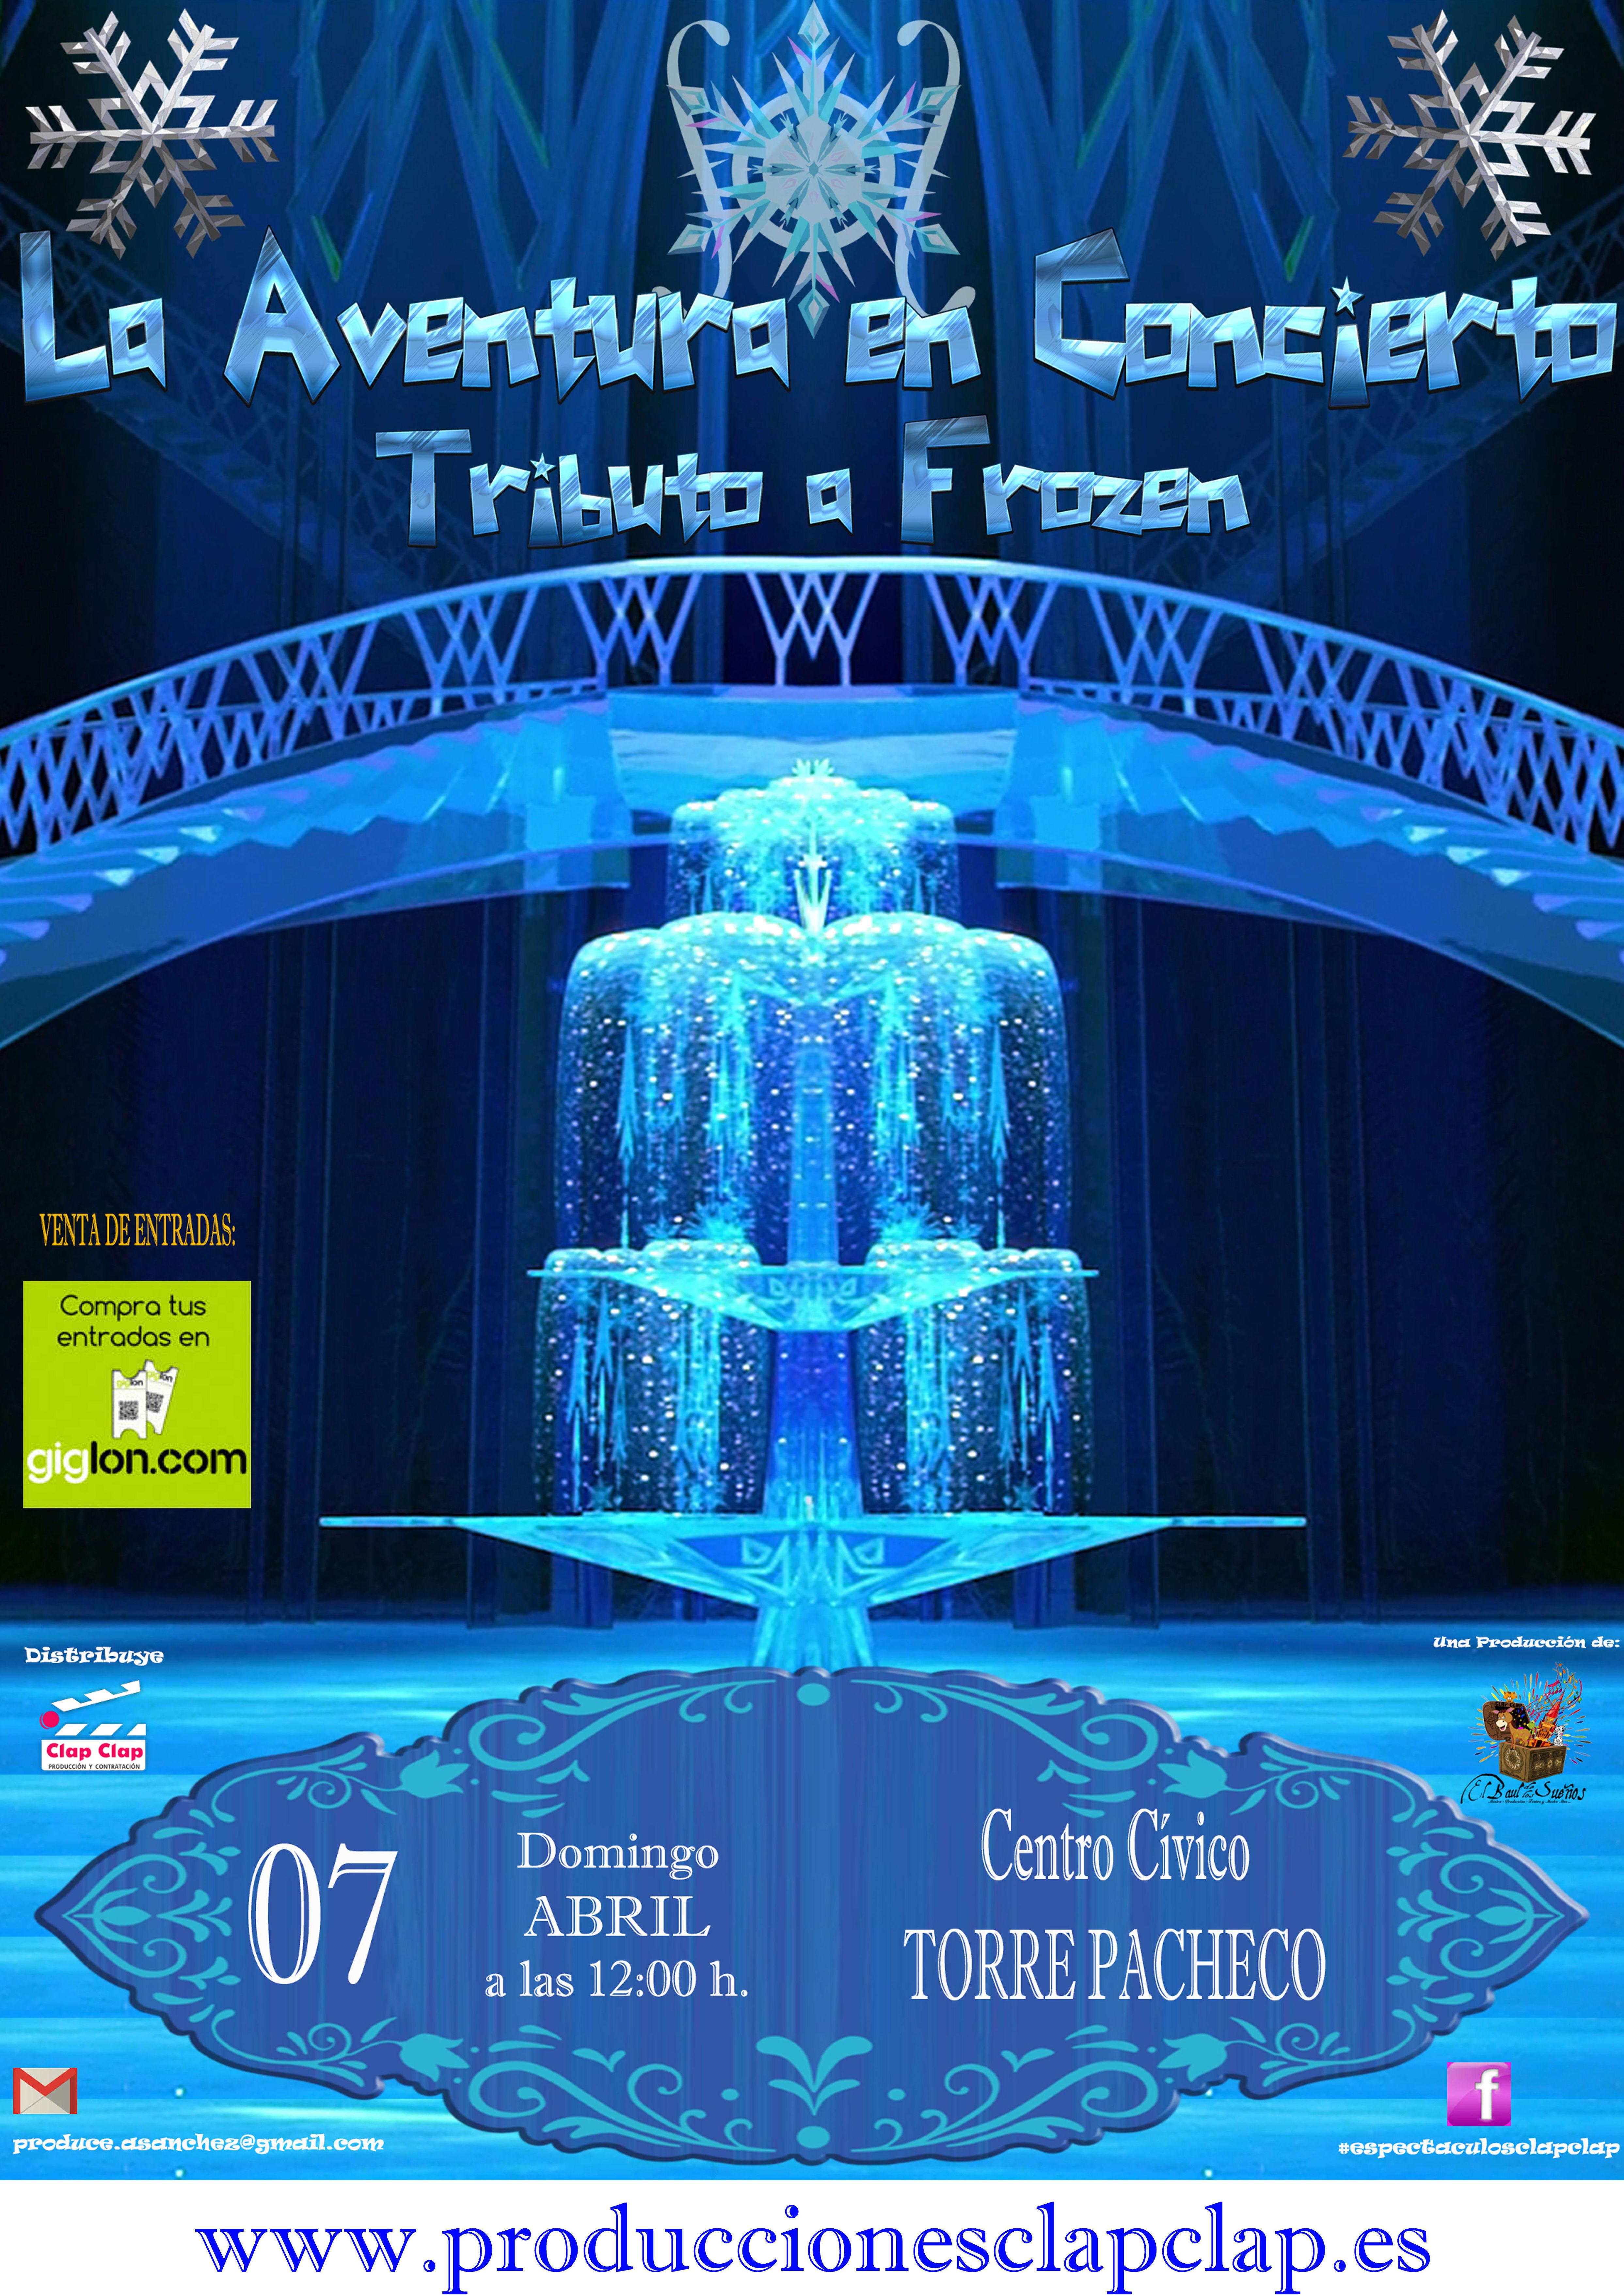 La Aventura en Concierto - Tributo Frozen - Torre Pacheco